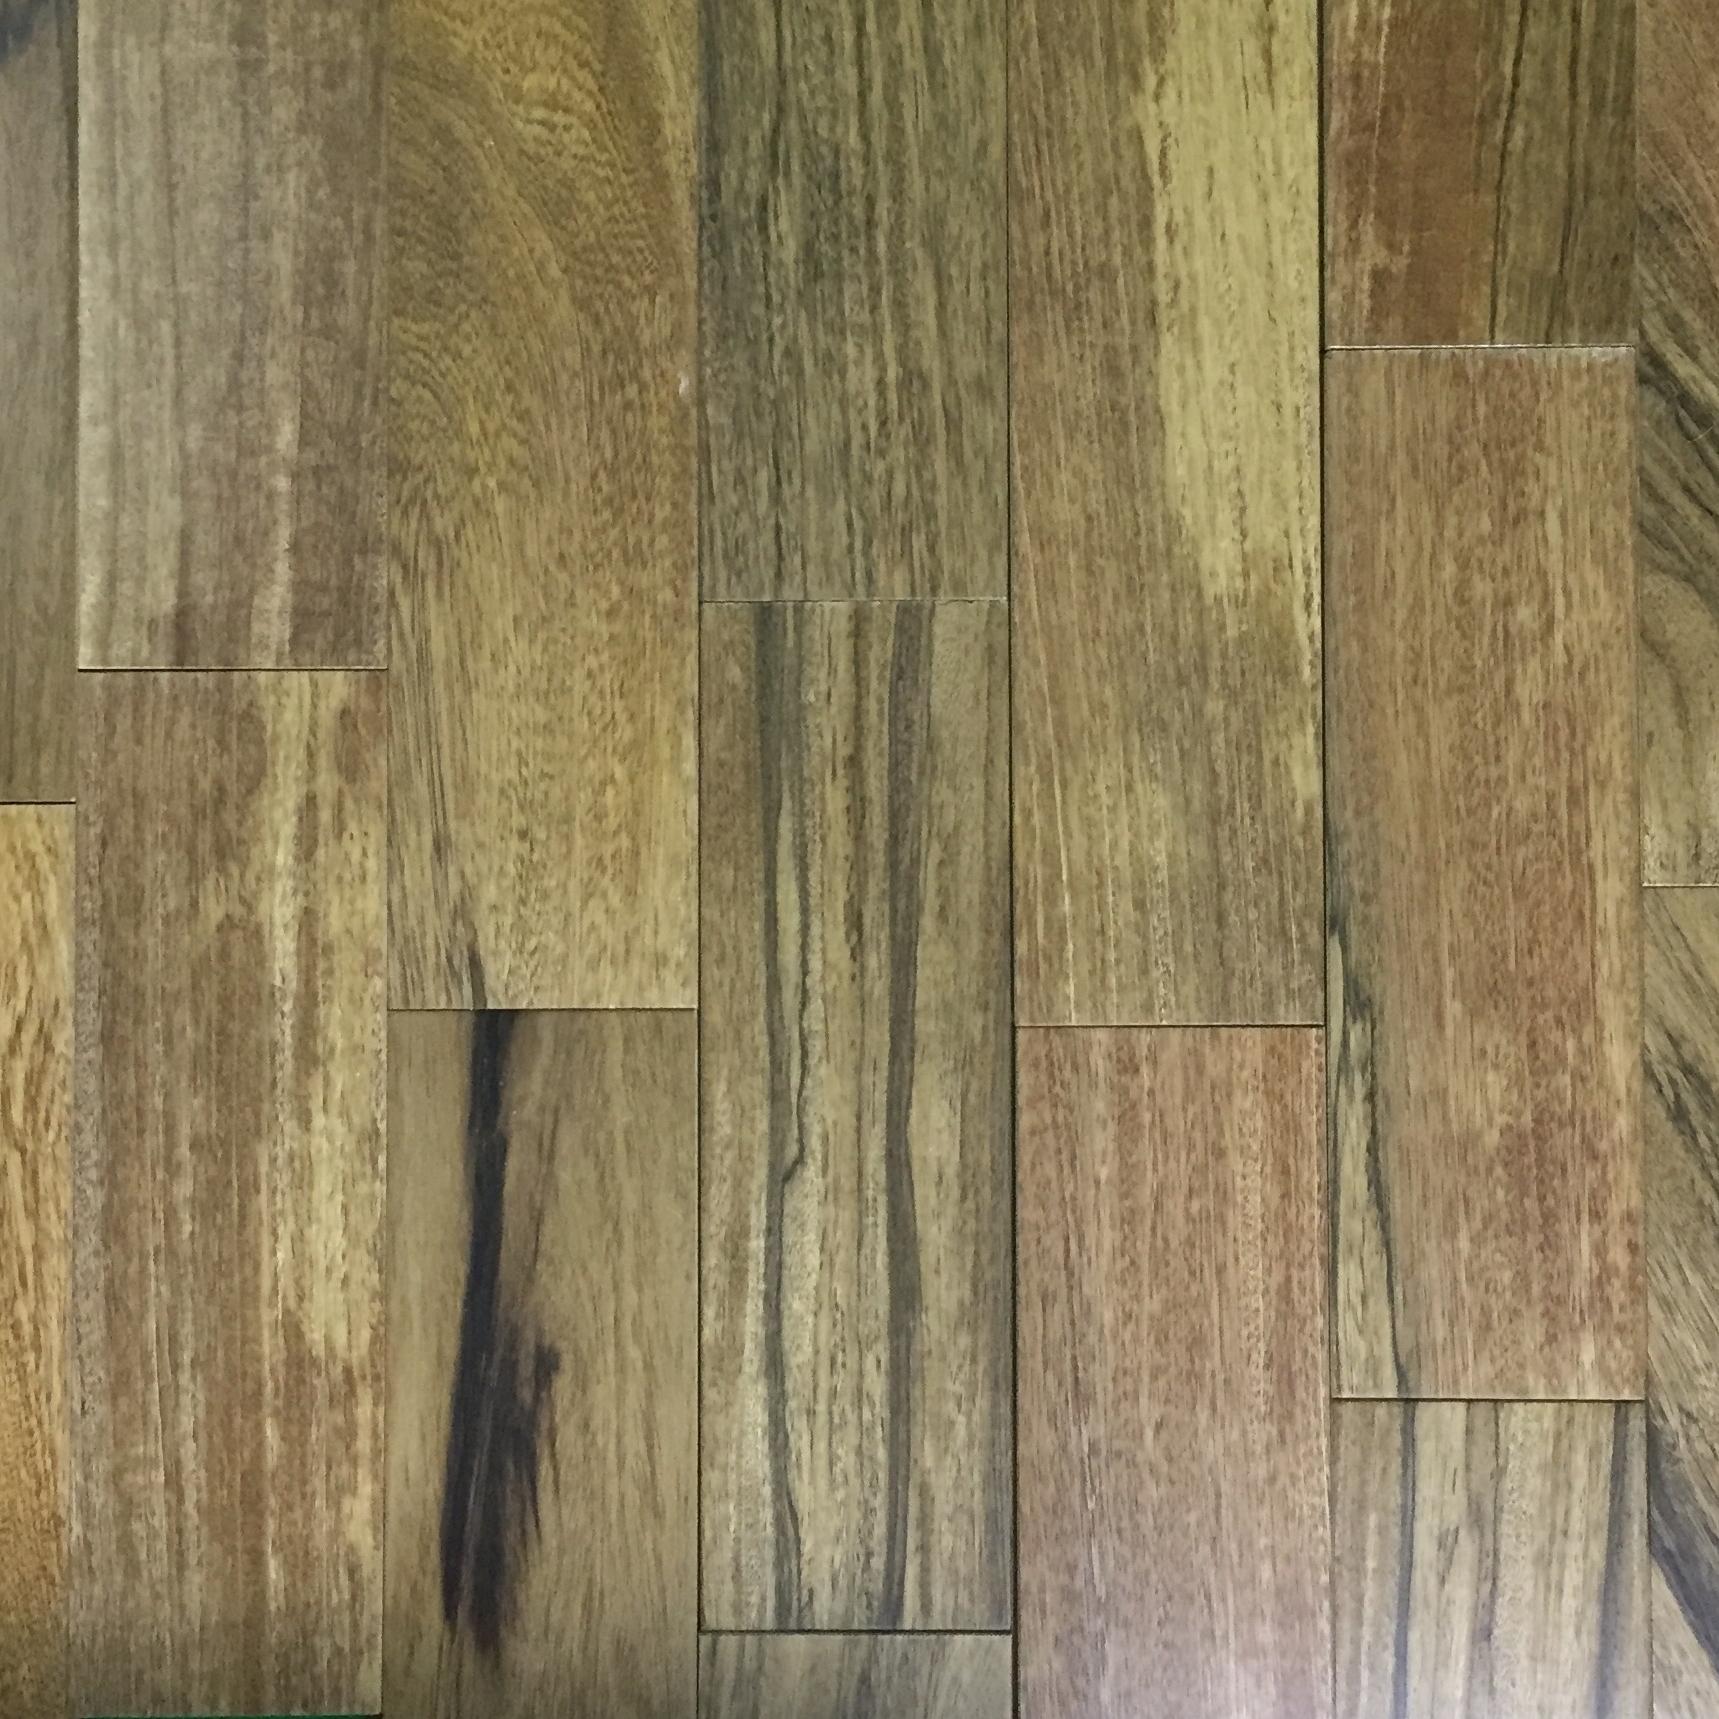 Peruvian olivewood - natural